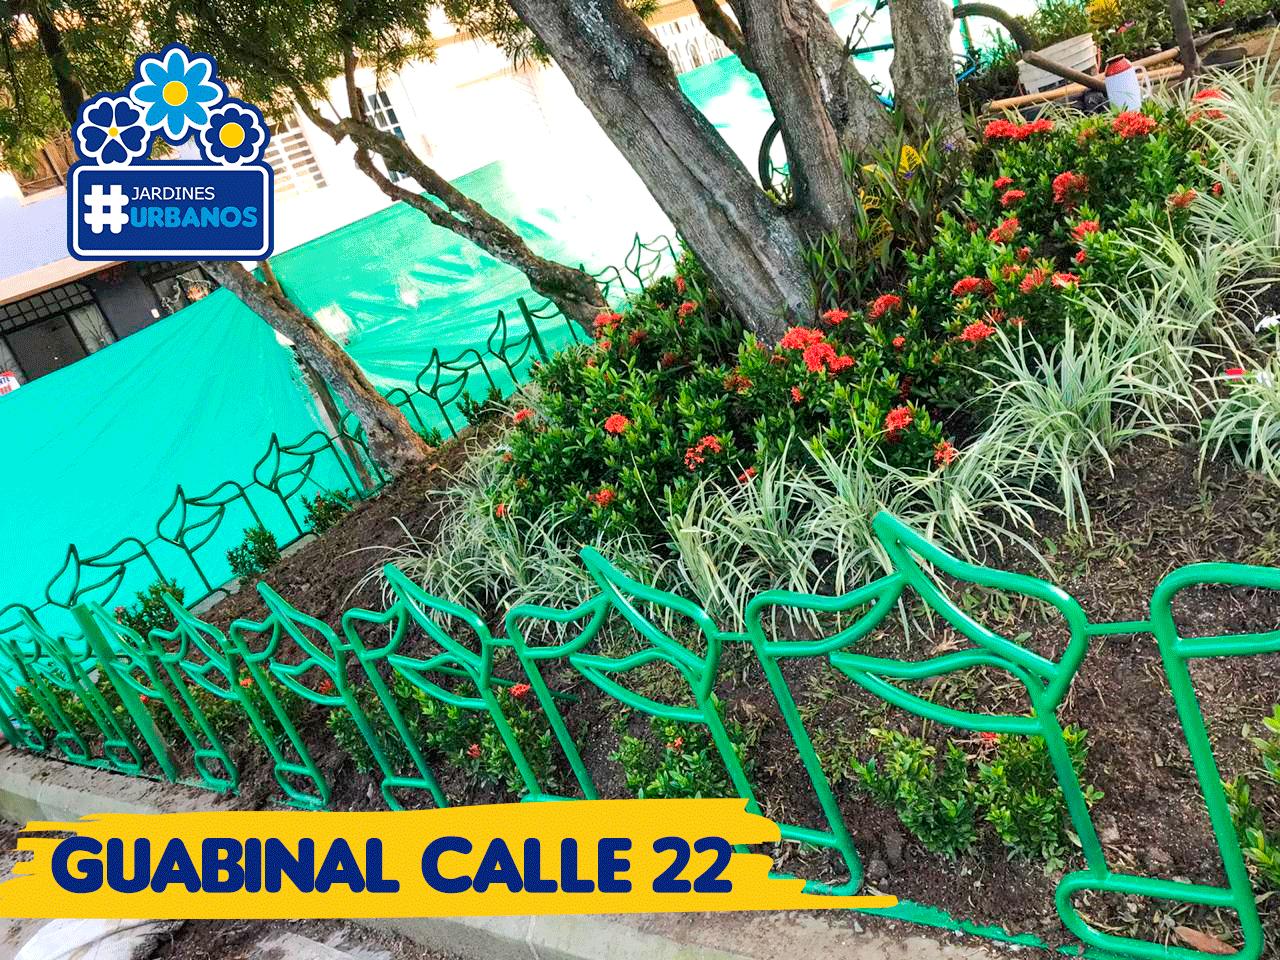 Jardines Urbanos de la calle 22 y 24  Av Guabinal